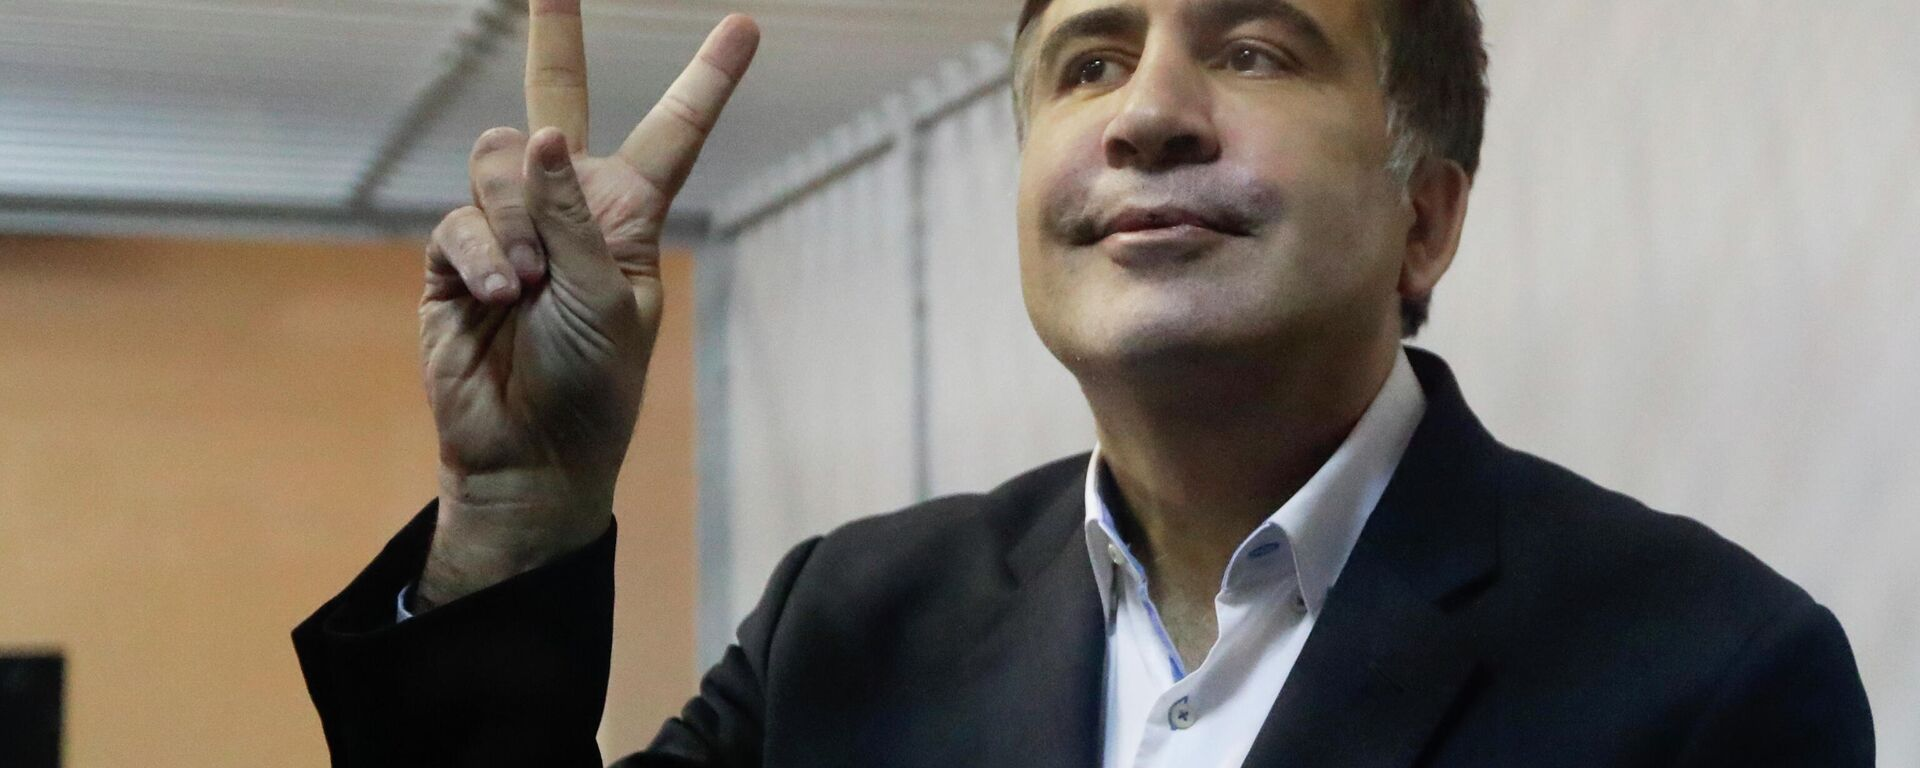 Mixail Saakaşvili, arxivdən foto - Sputnik Azərbaycan, 1920, 03.10.2021